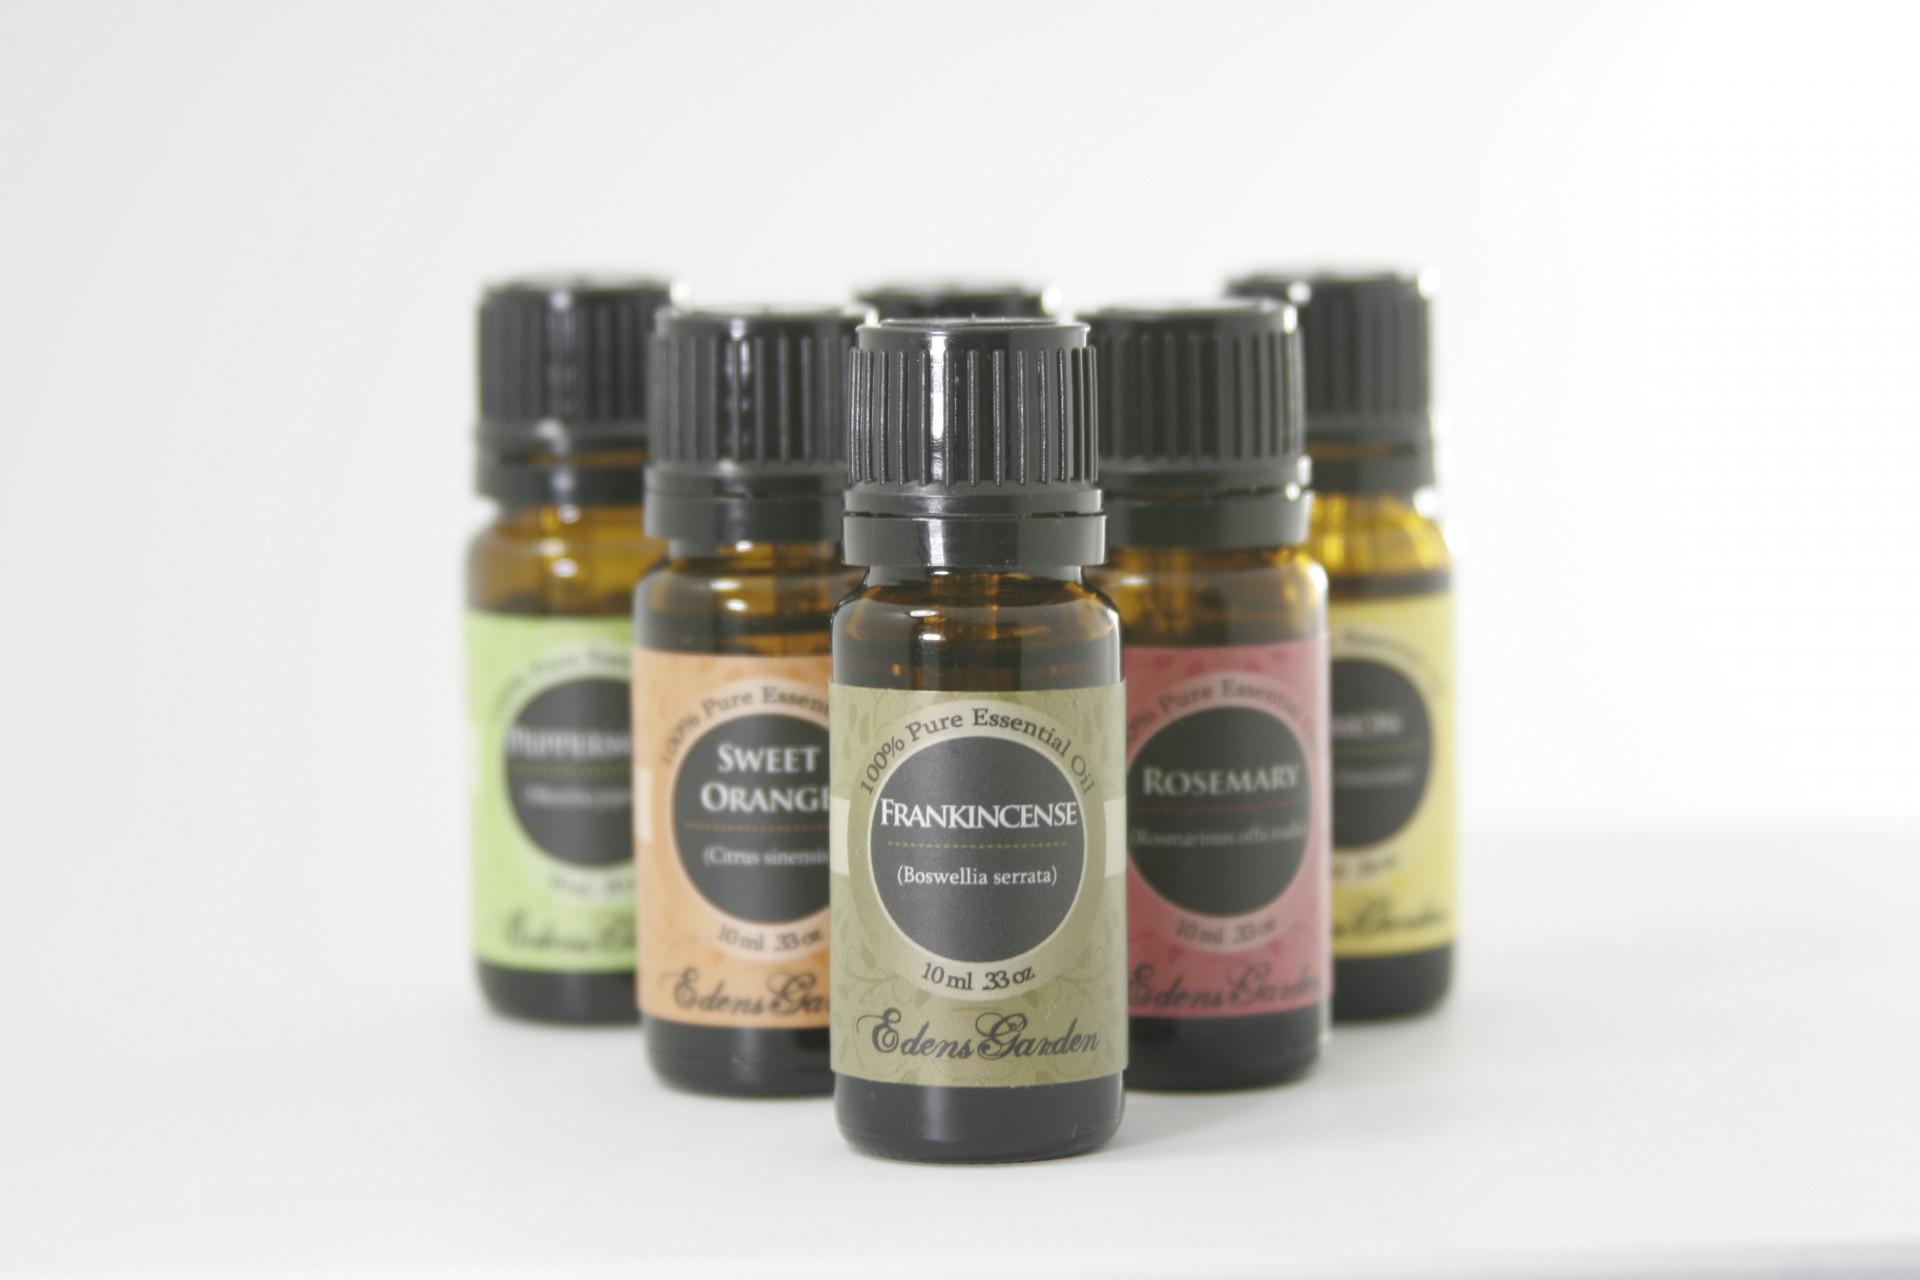 przykładowe butelki z olejkami naturalnymi